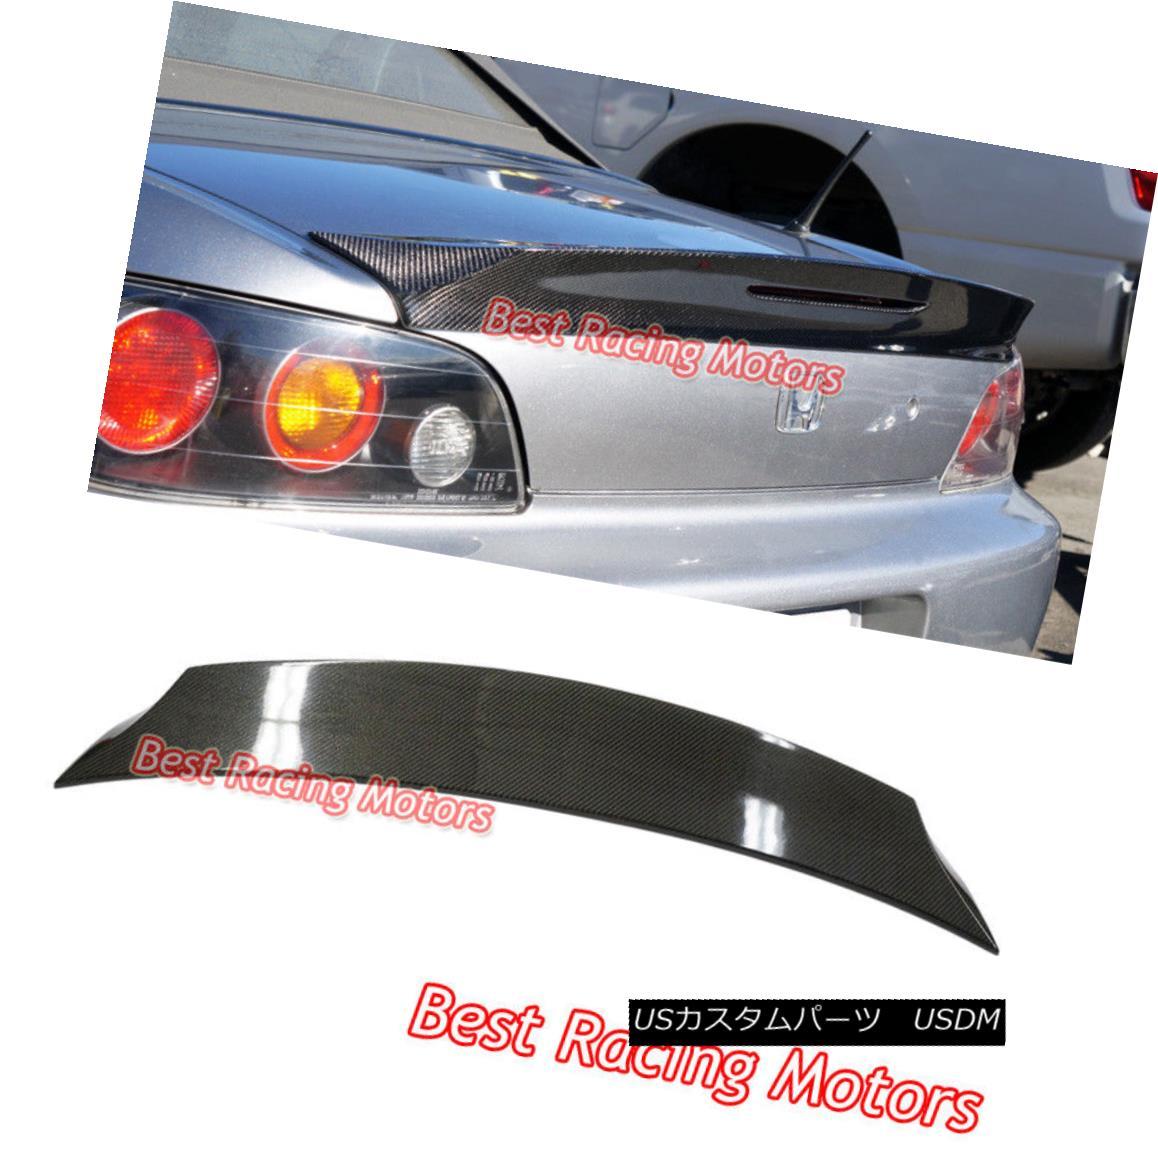 エアロパーツ TD Style Rear Trunk Spoiler (Carbon) Fits 00-09 Honda S2000 AP1 AP2 TDスタイルリアトランク・スポイラー(カーボン)適合00-09ホンダS2000 AP1 AP2